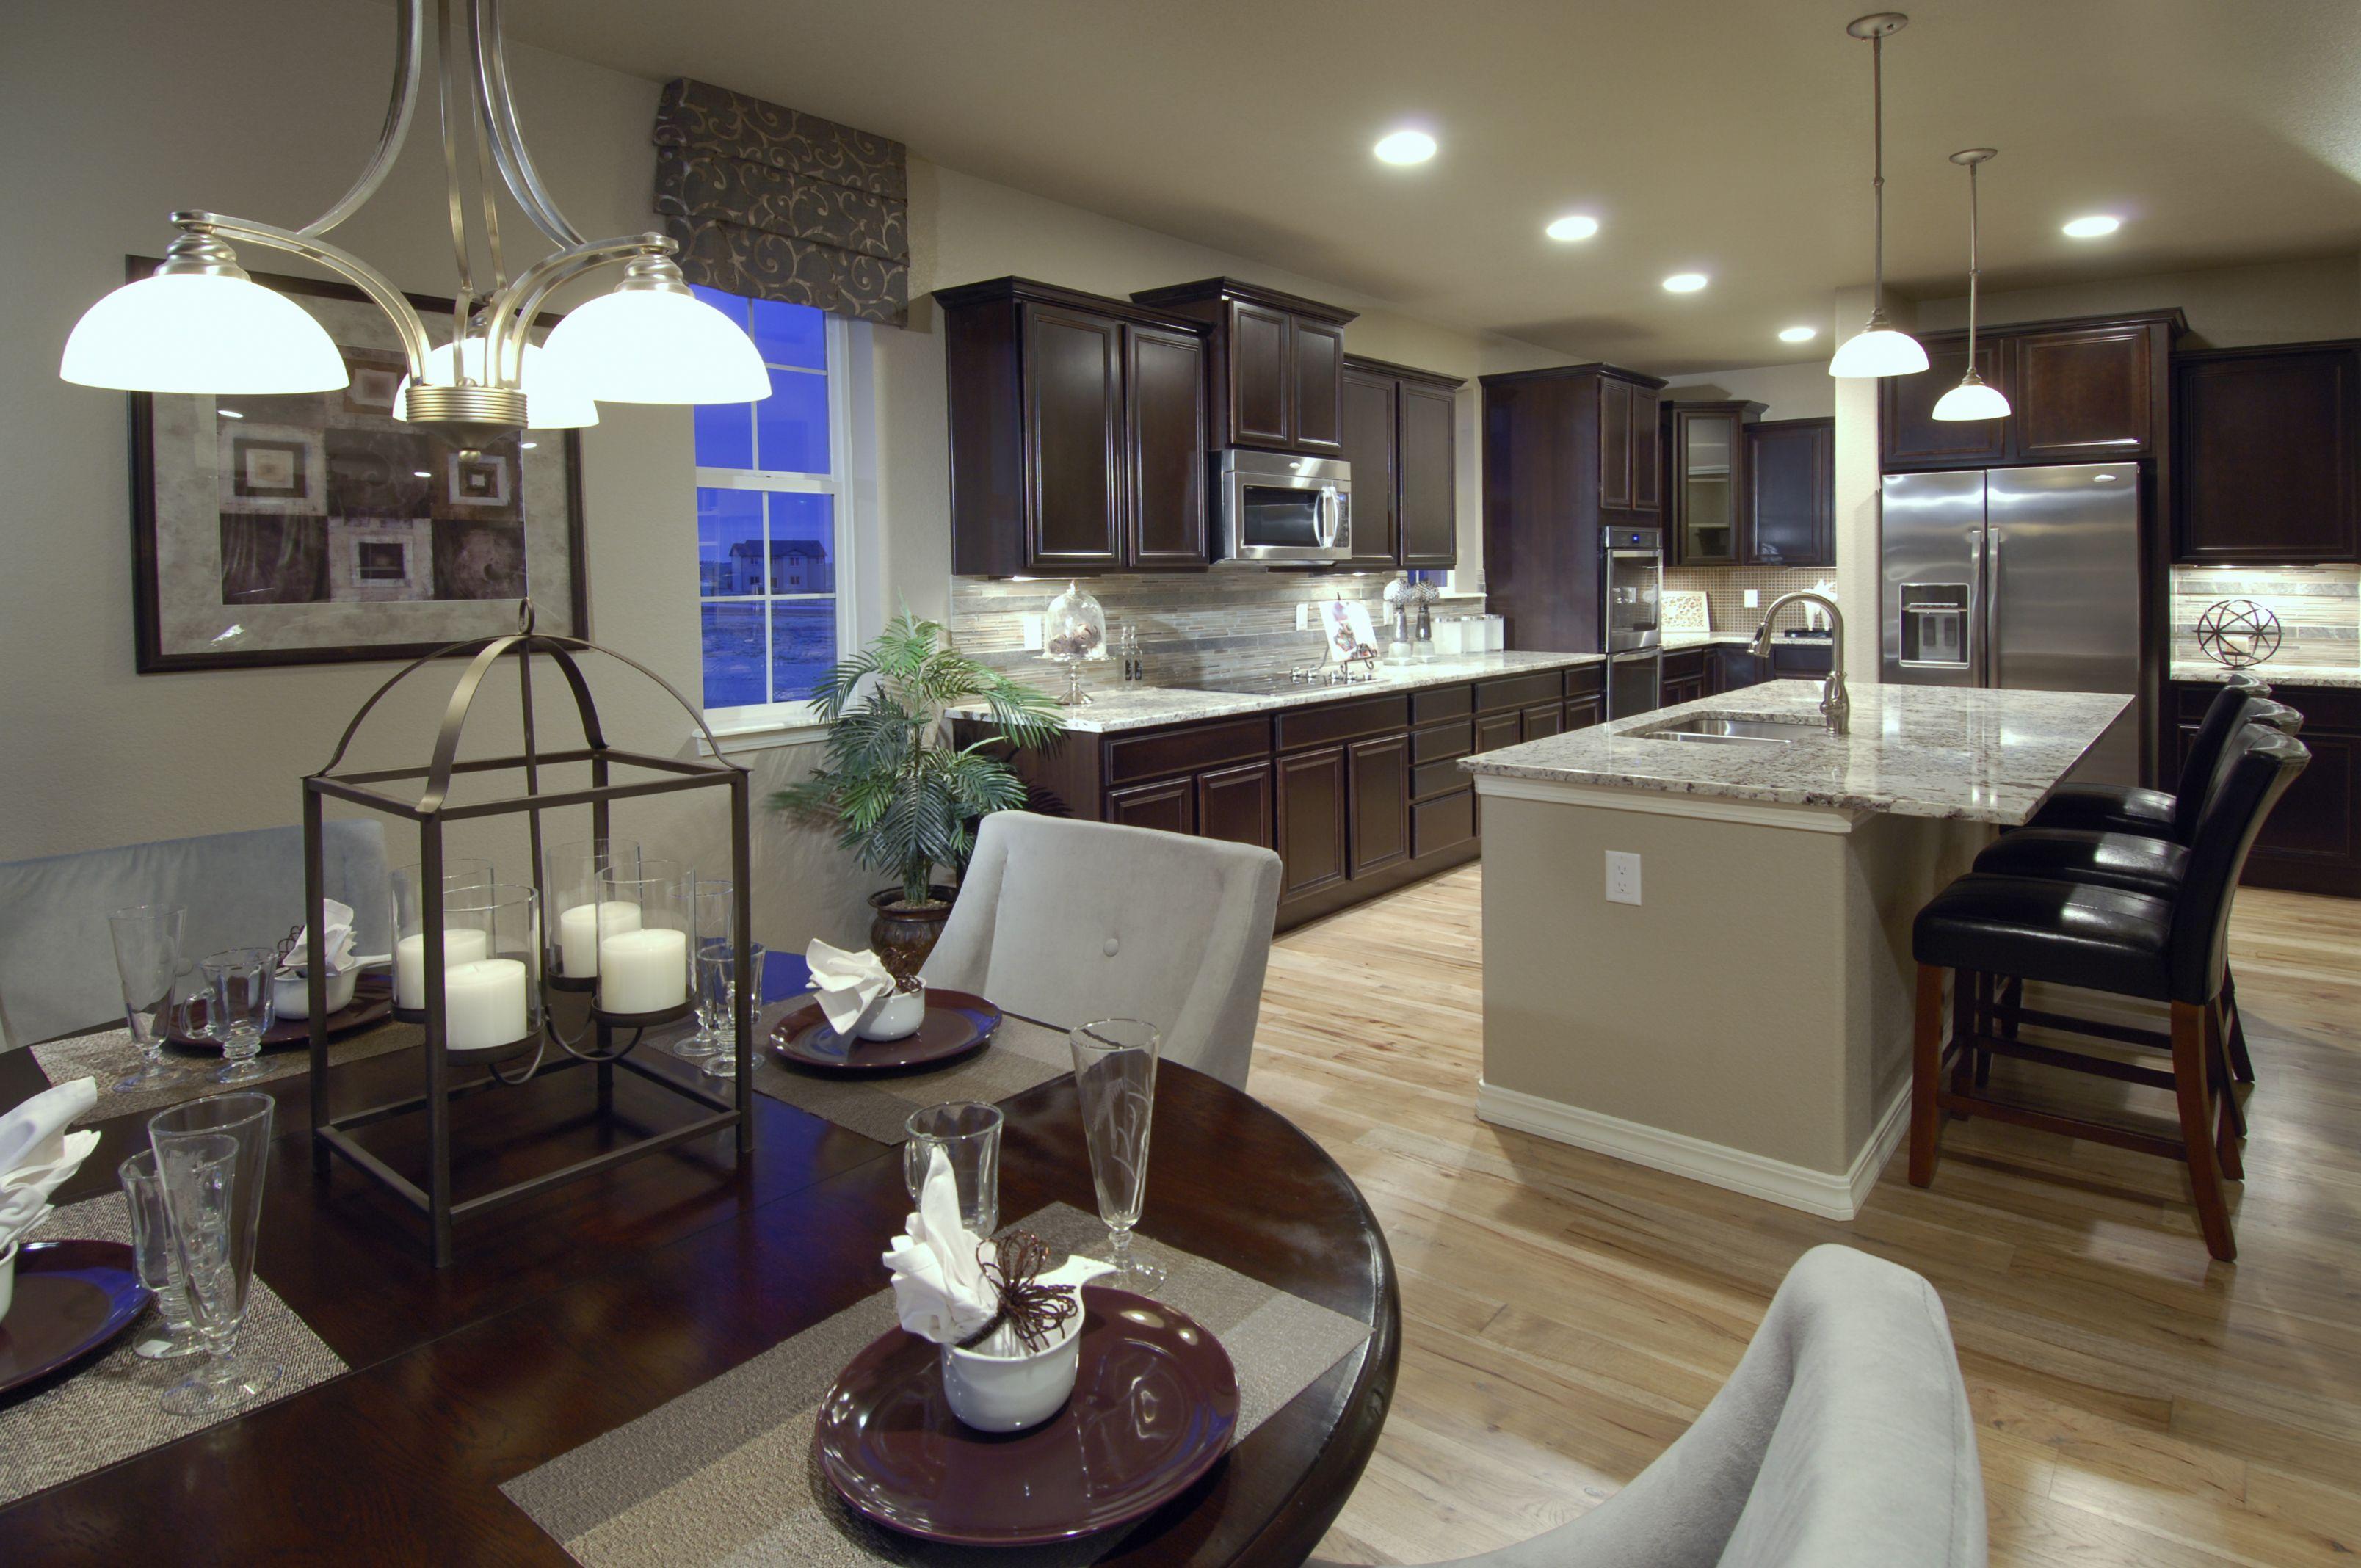 Colorado springs model homes